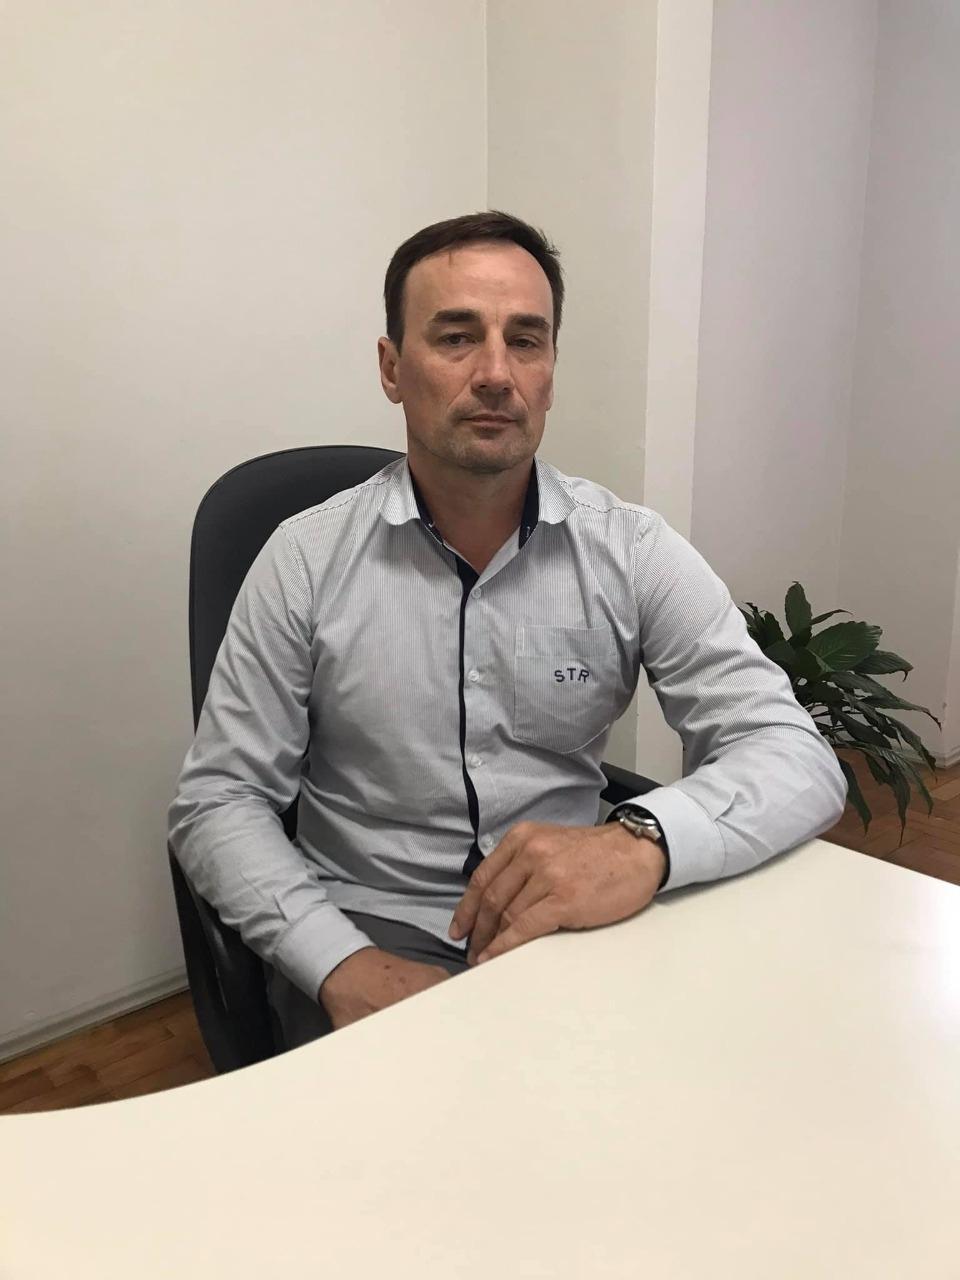 Luciano Rebellatto, coordenador do Consevitis-RS, sentado em sua cadeira de trabalho.